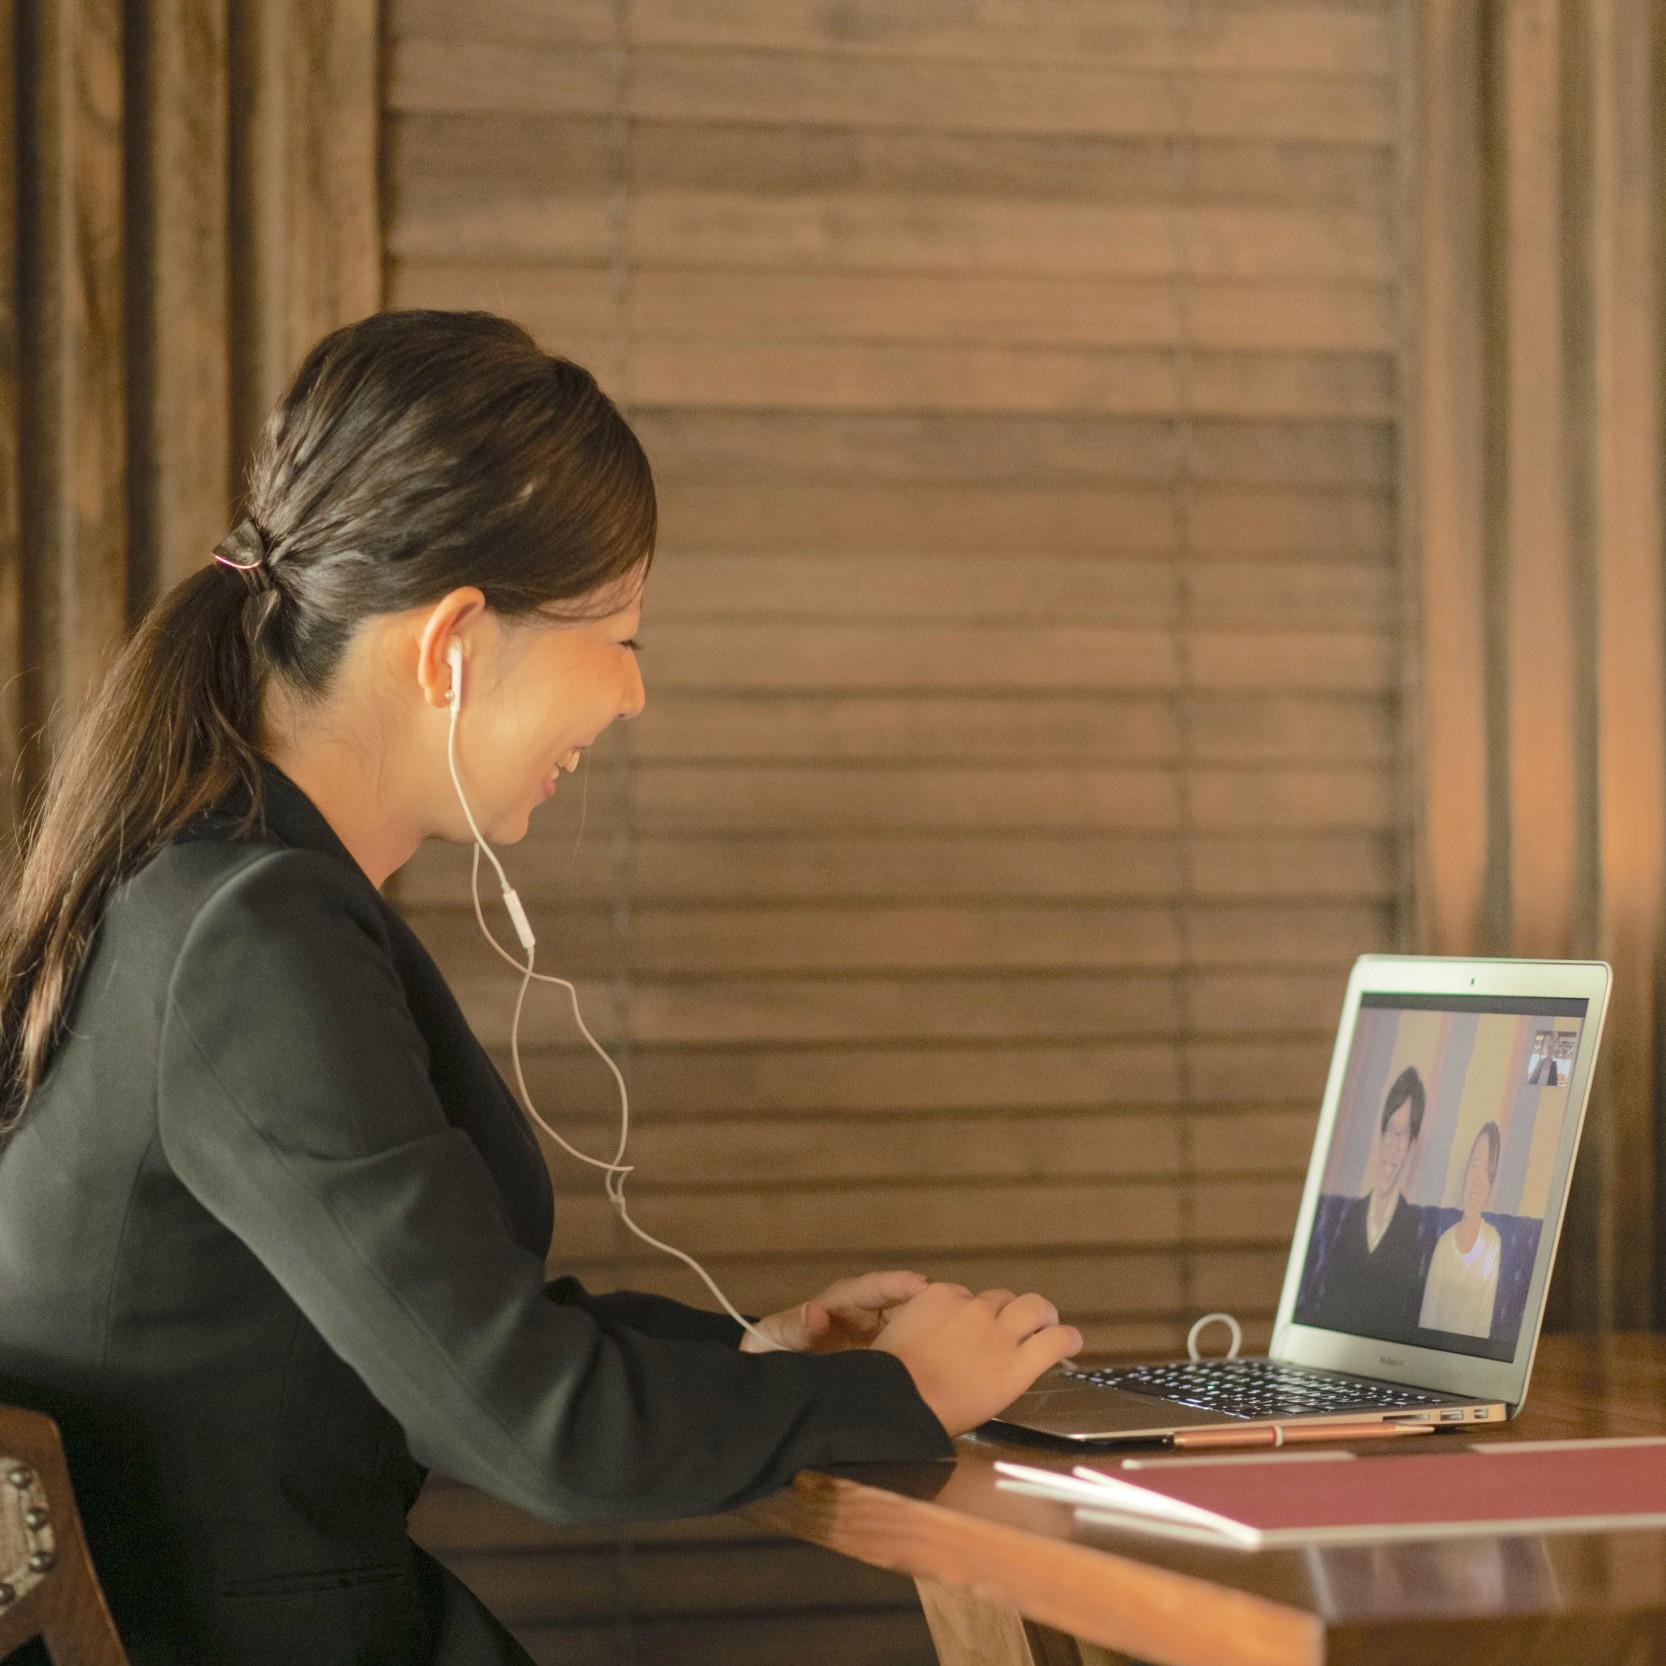 【気軽にお問い合わせ】スマホやPCで簡単参加◆オンライン相談会